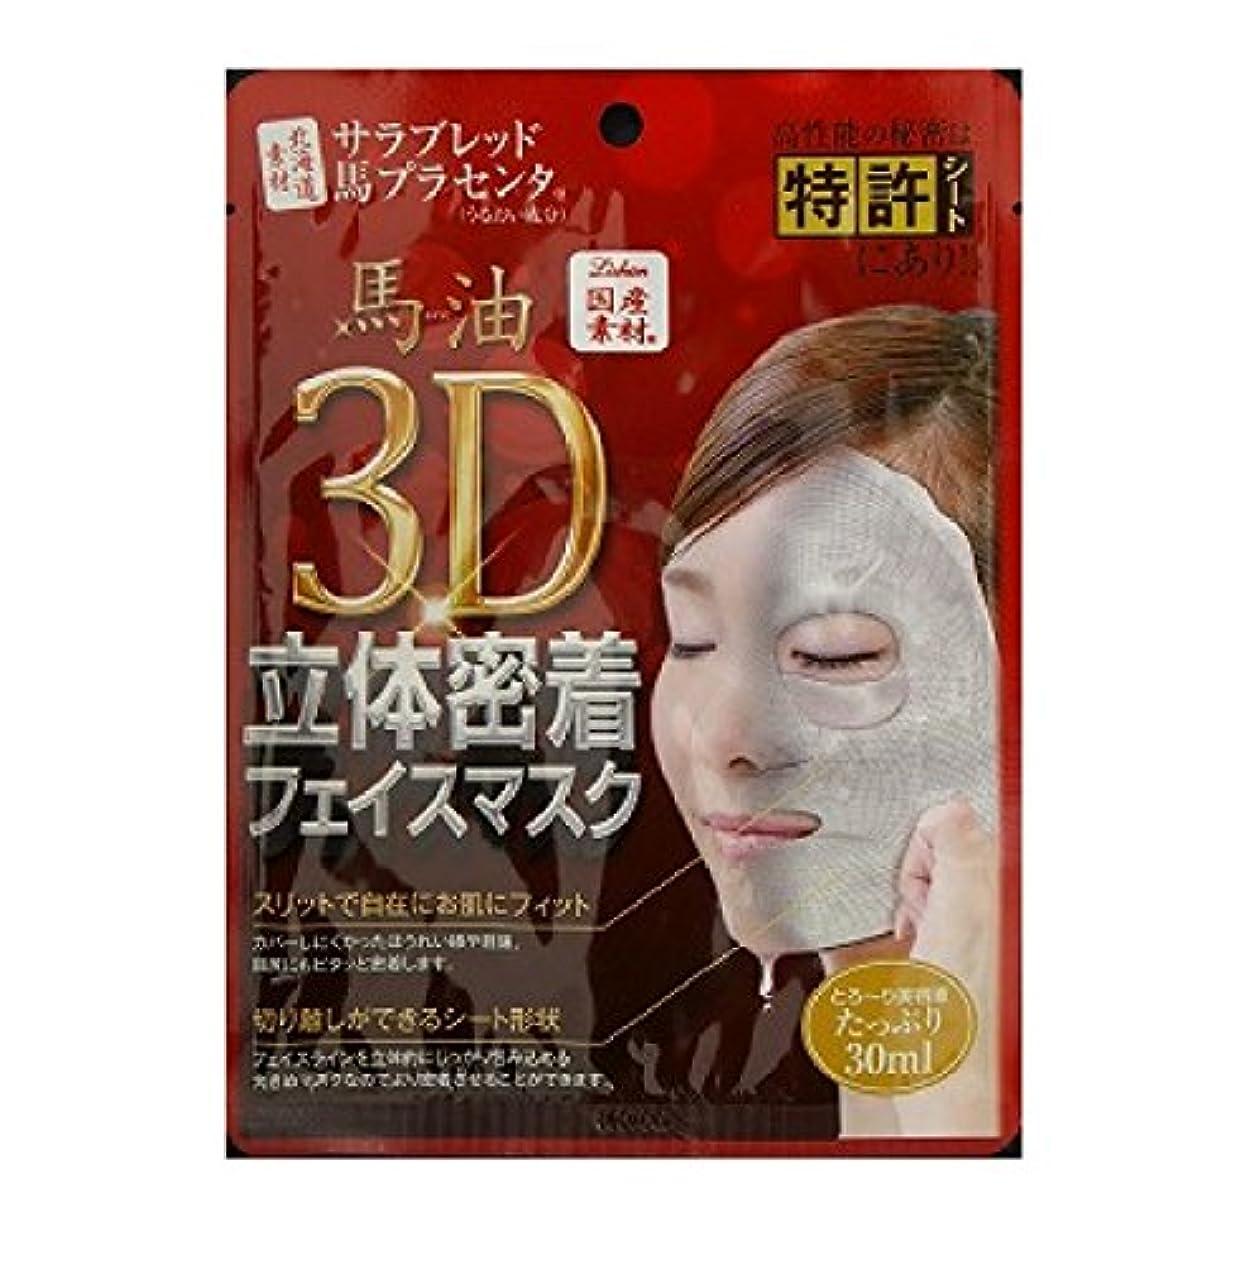 叙情的なコットン助けになるナヴィス リシャン馬油3D立体密着フェイスマスク無香料 1枚入り